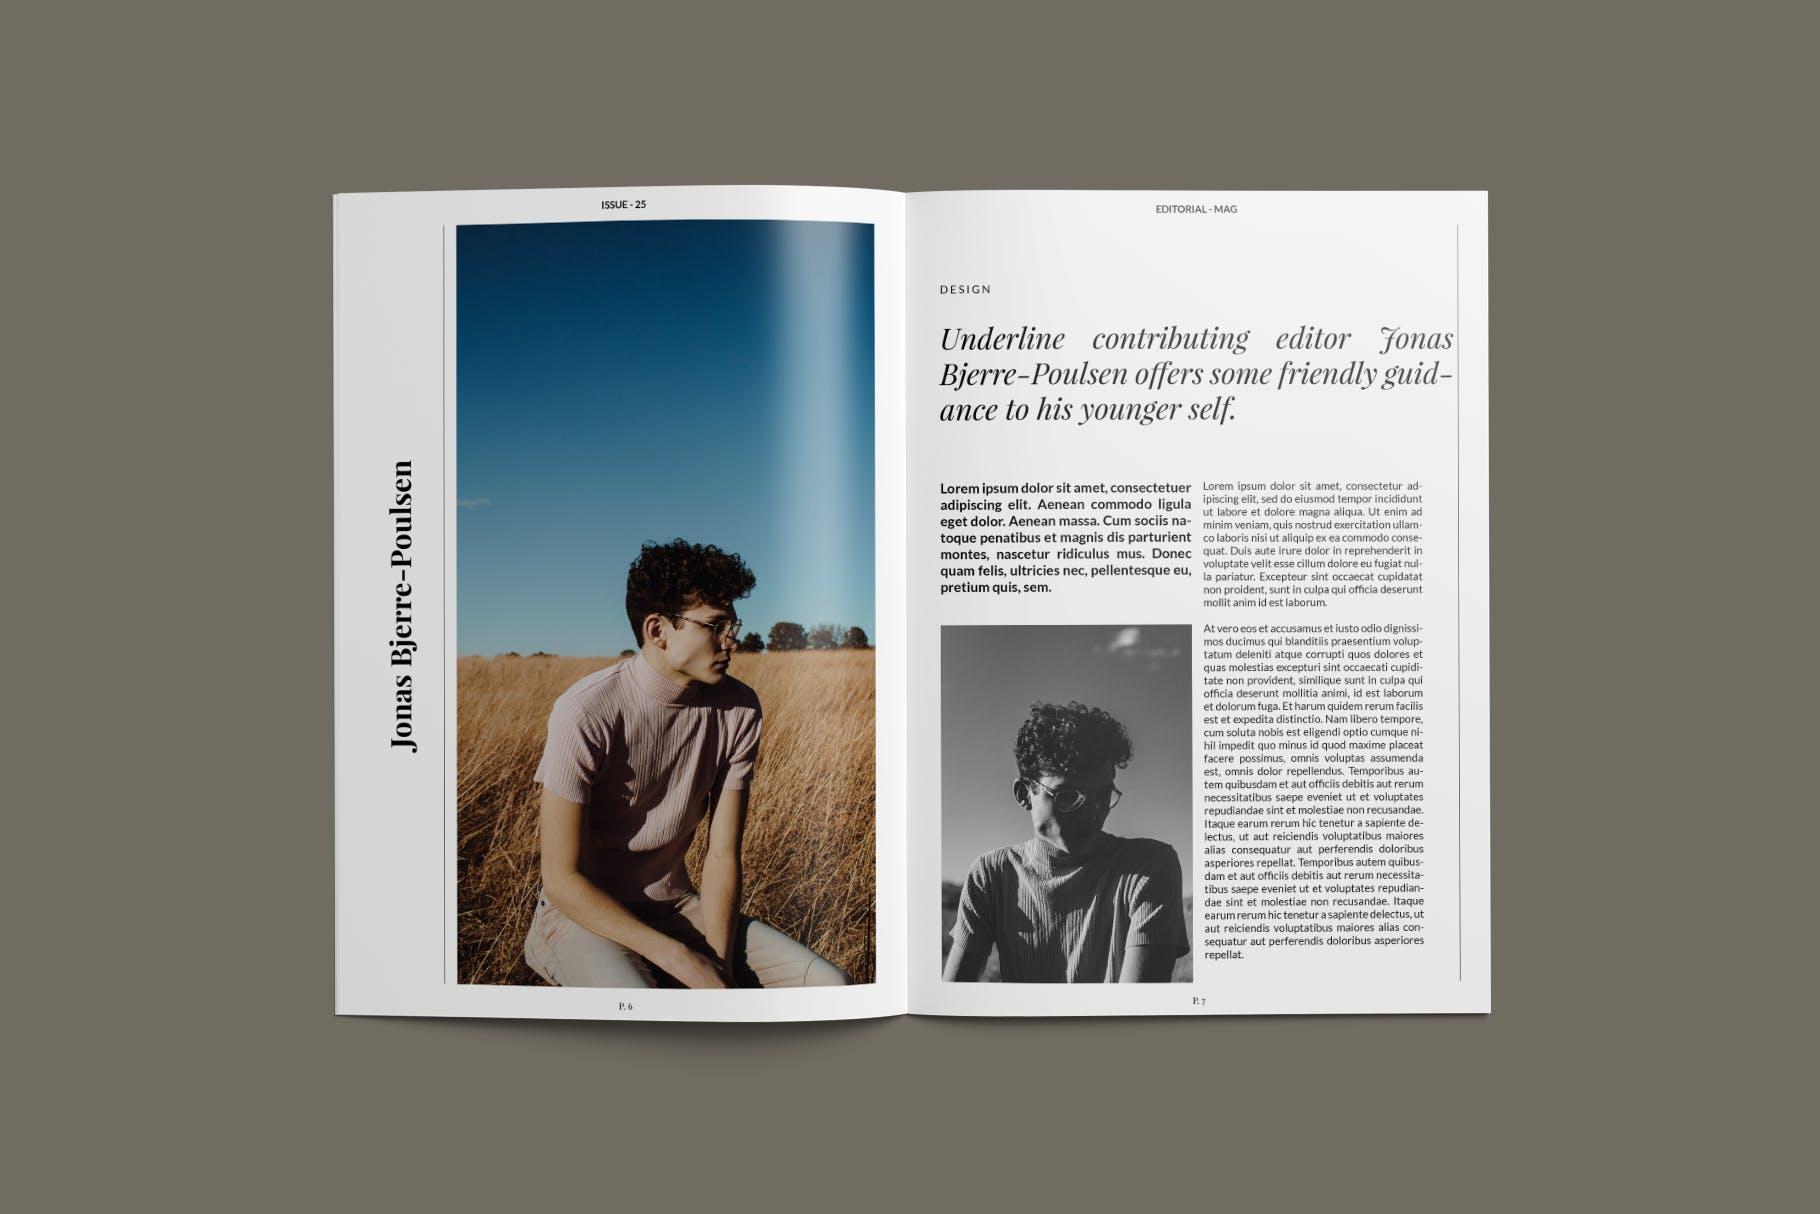 现代时尚摄影作品集设计画册INDD模板 Magazine Template插图(2)